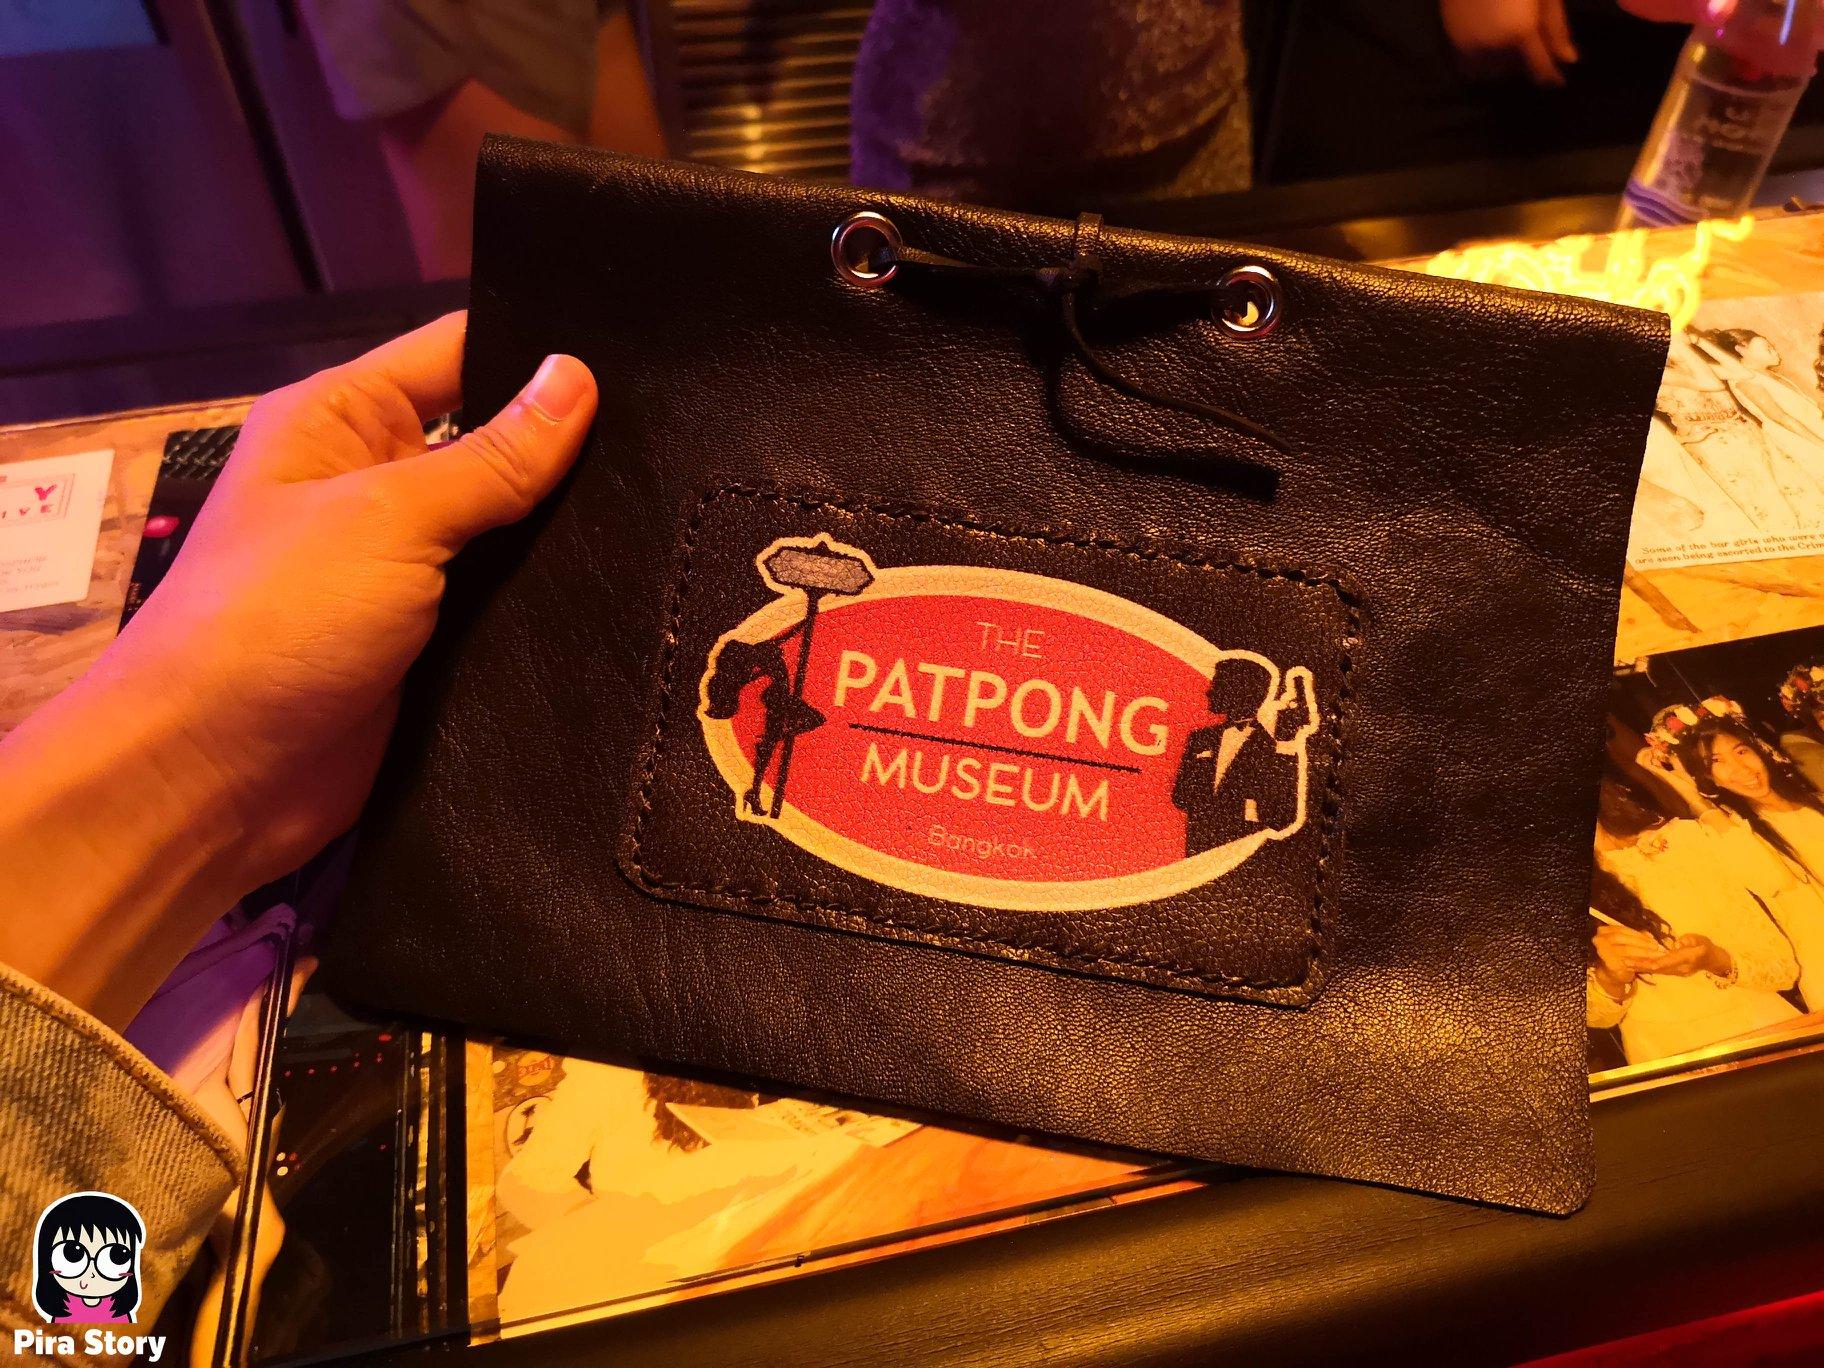 พิพิธภัณฑ์พัฒน์พงศ์ Patpong museum พัฒน์พงศ์มิวเซียม sex worker ซ่อง ประวัติศาสตร์ โคมเขียว พัฒน์พงศ์มิวเซียม pira story pirastory เที่ยวเนิร์ดๆ บาร์ลับ คาเฟ่ลับ สีลม ศาลาแดง